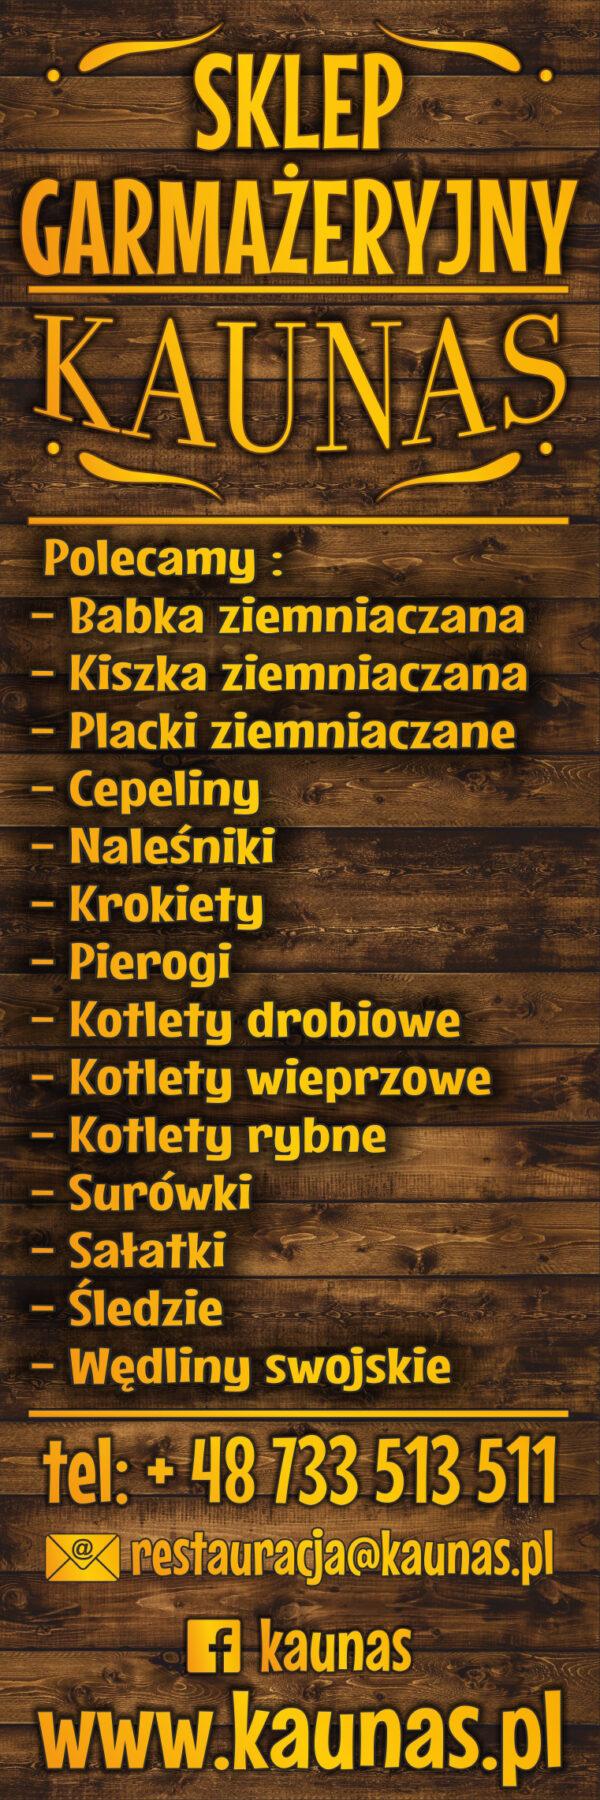 sklep garmażeryjny Sienkiewicza 81/3 lok 9